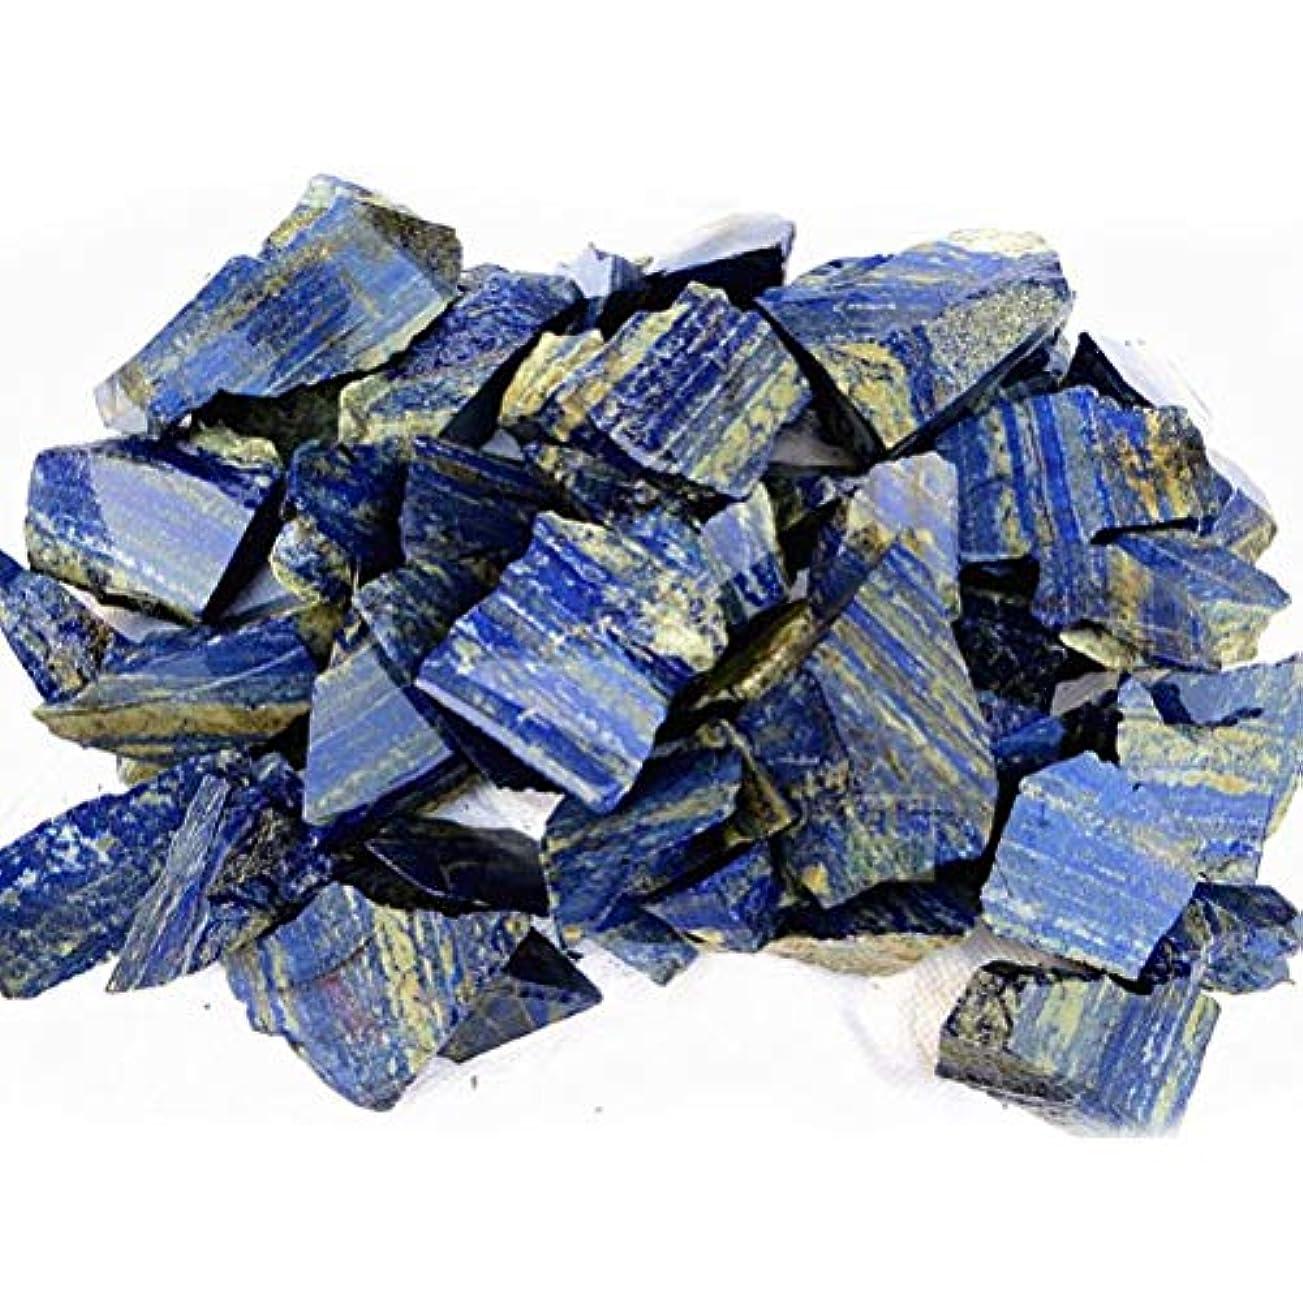 土地トレード控えるVosarea 100グラムナチュラルラピスラズリタンブルストーンヒーリングレイキクリスタルジュエリー作りホームデコレーションdiy材料宝石石